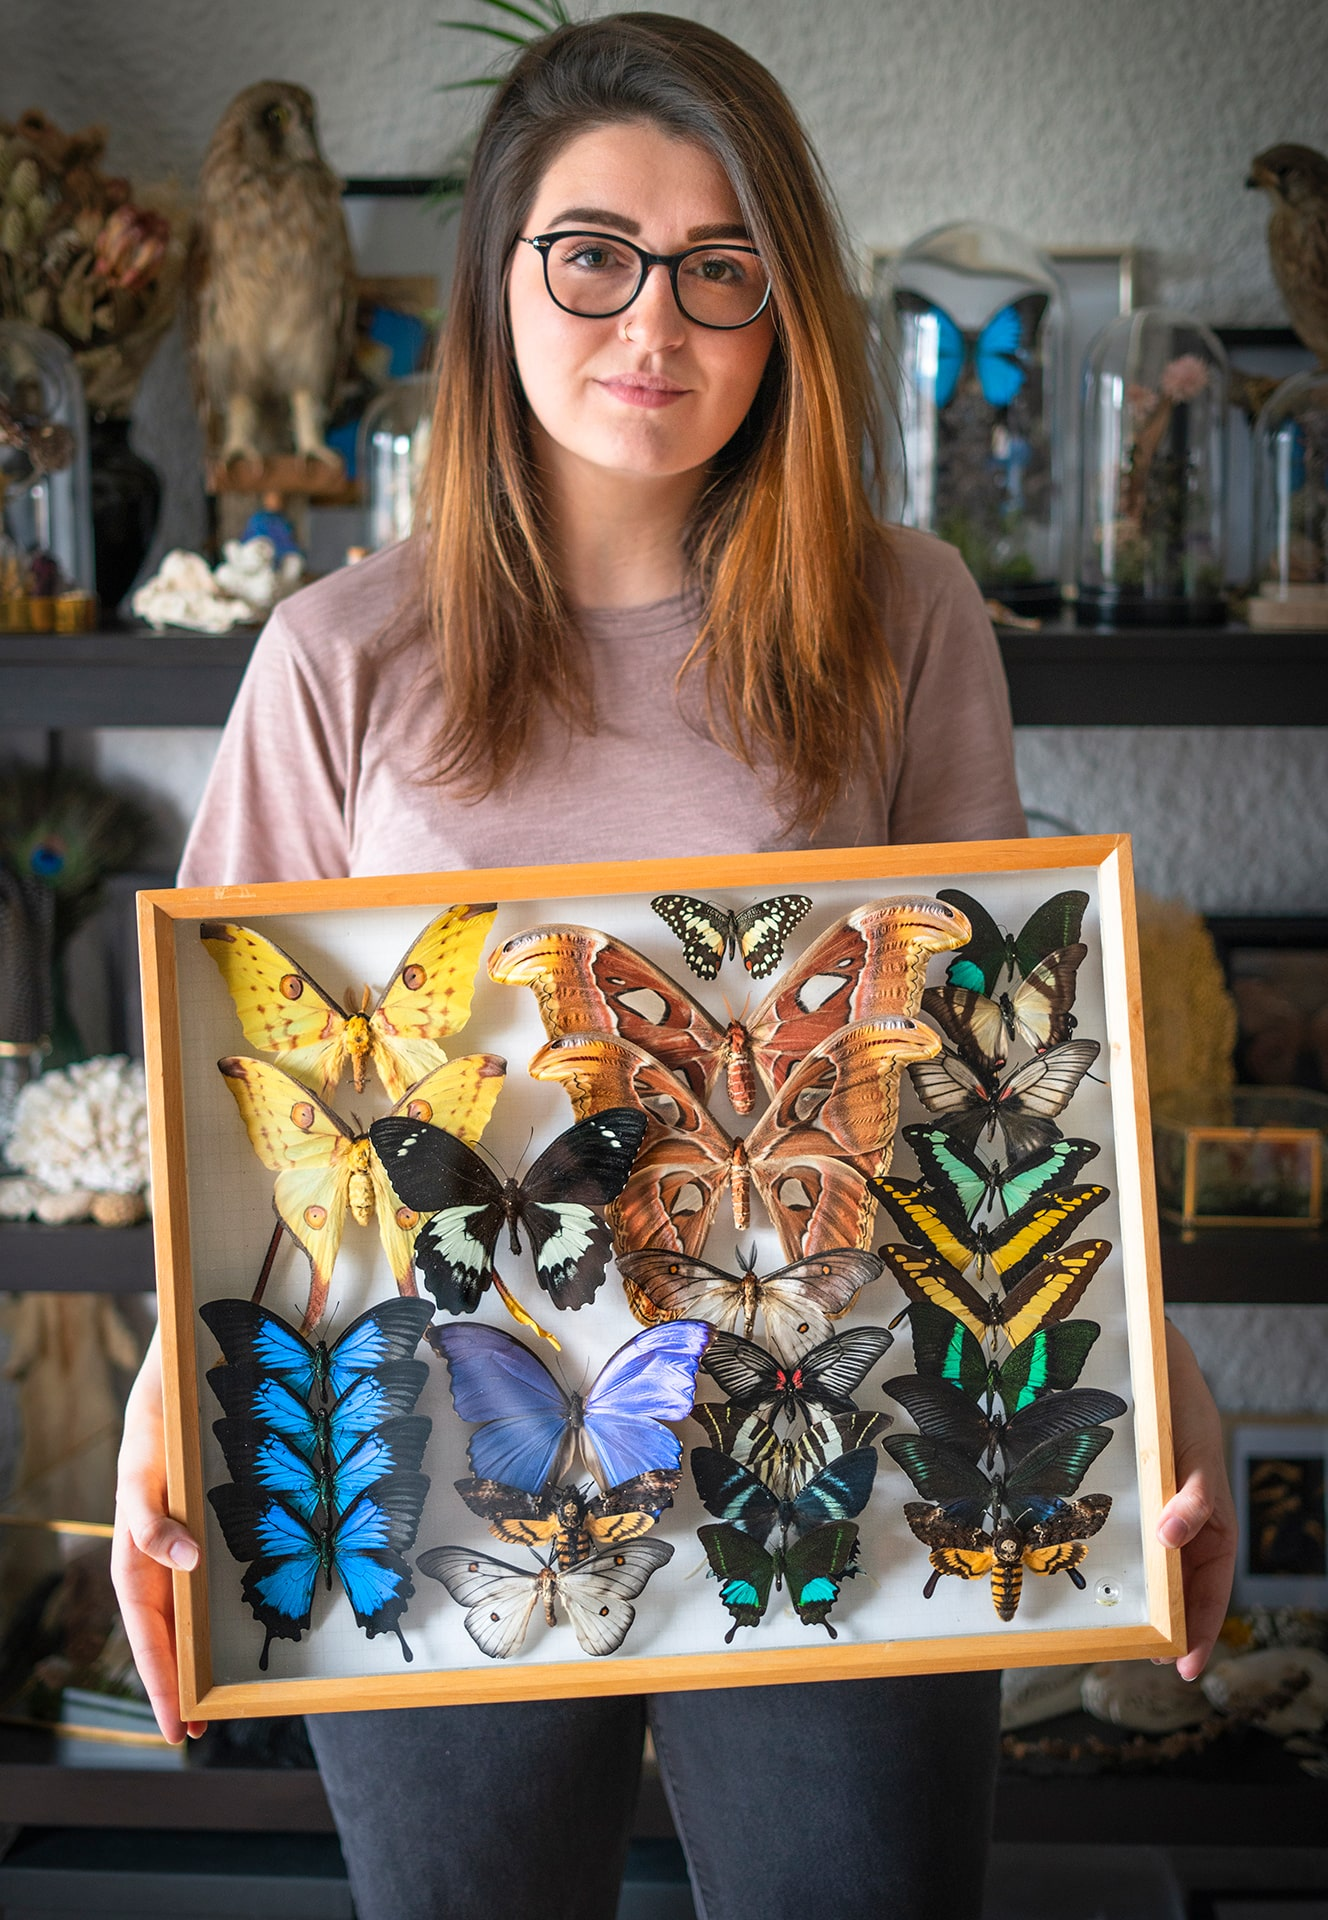 Blog Lifestyle - Ma découverte d'Aline, naturaliste en devenir ! - Suivre sa Joie - Saskia Parein